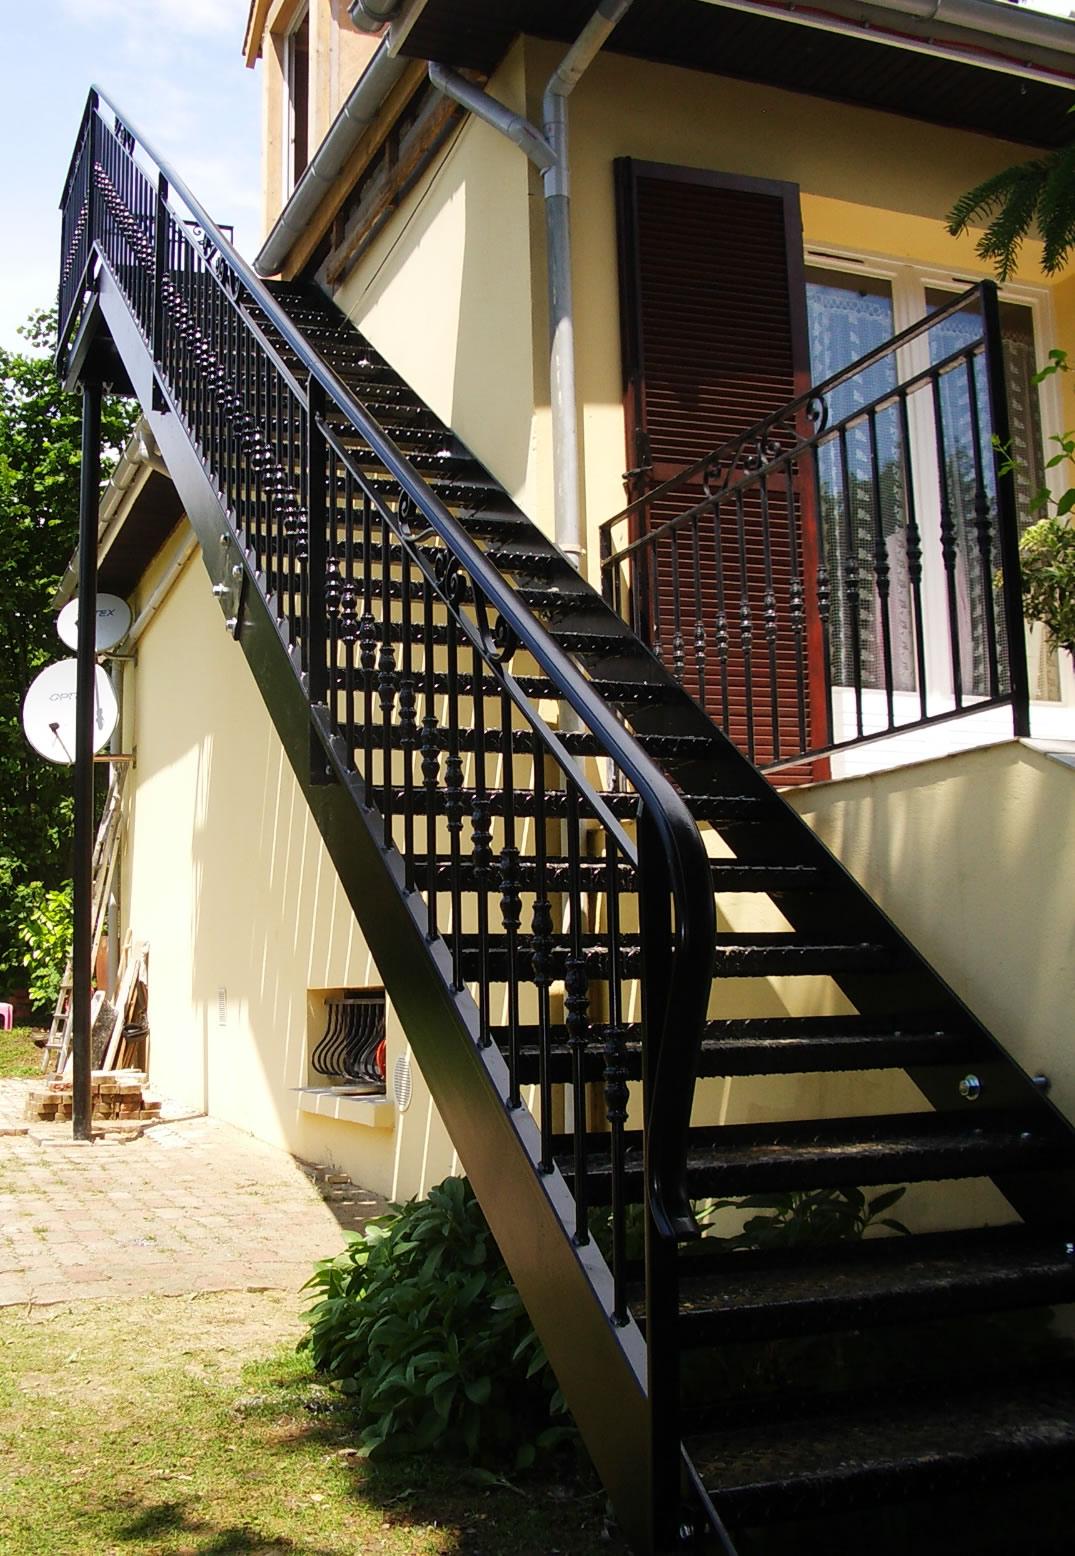 maison bourrellier escalier 010